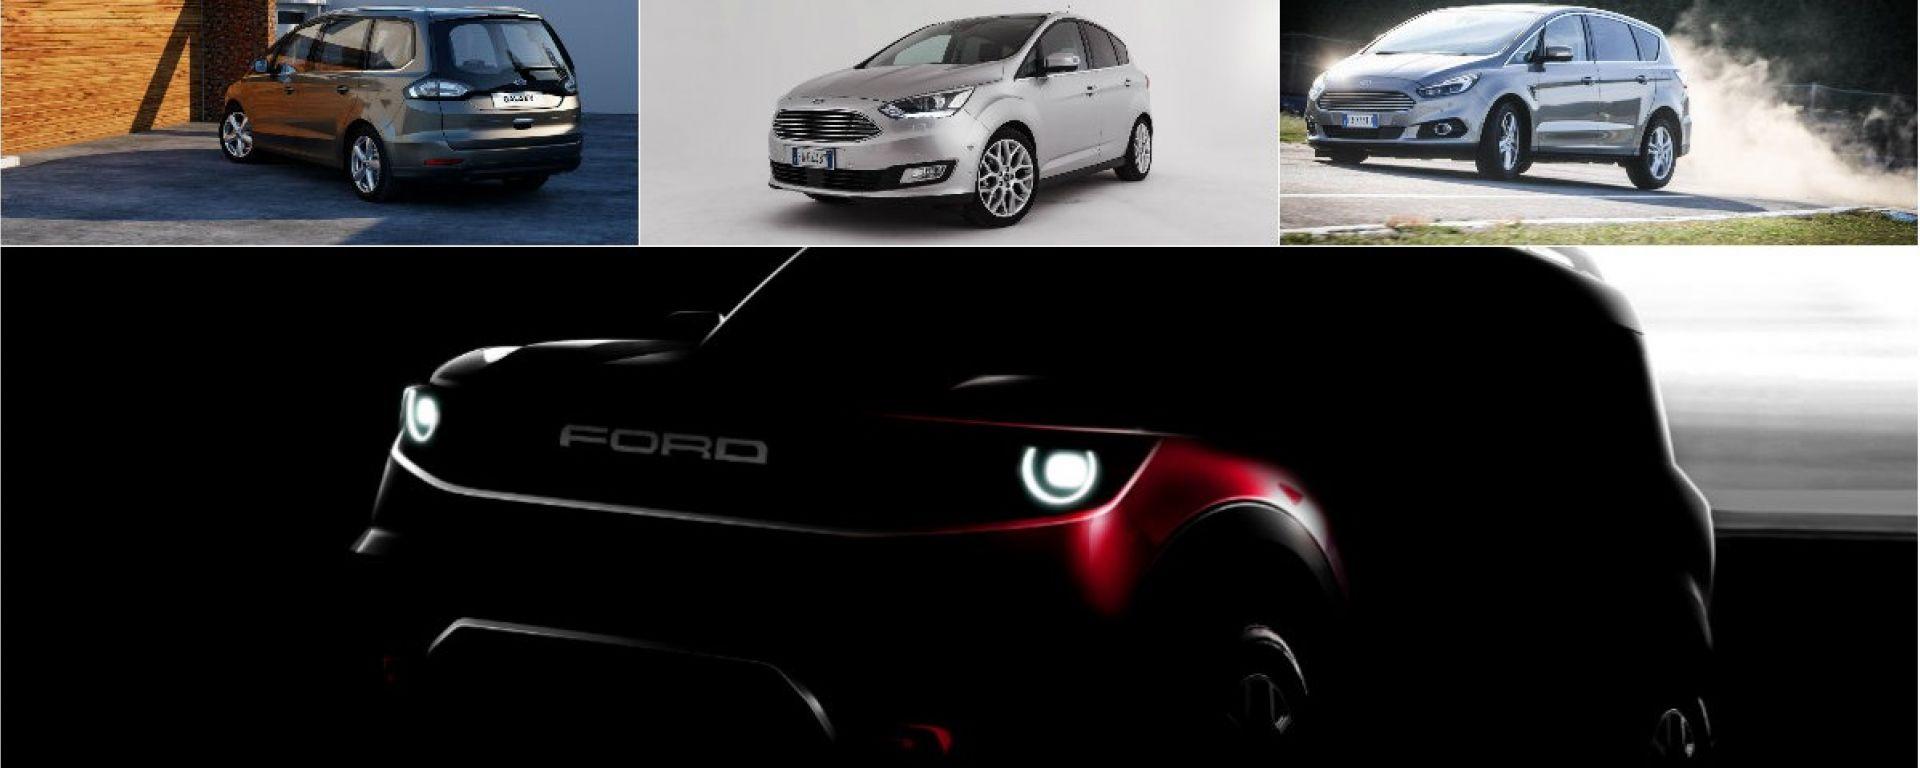 Ford C-Max, S-Max e Galaxy addio? Spazio a SUV e crossover